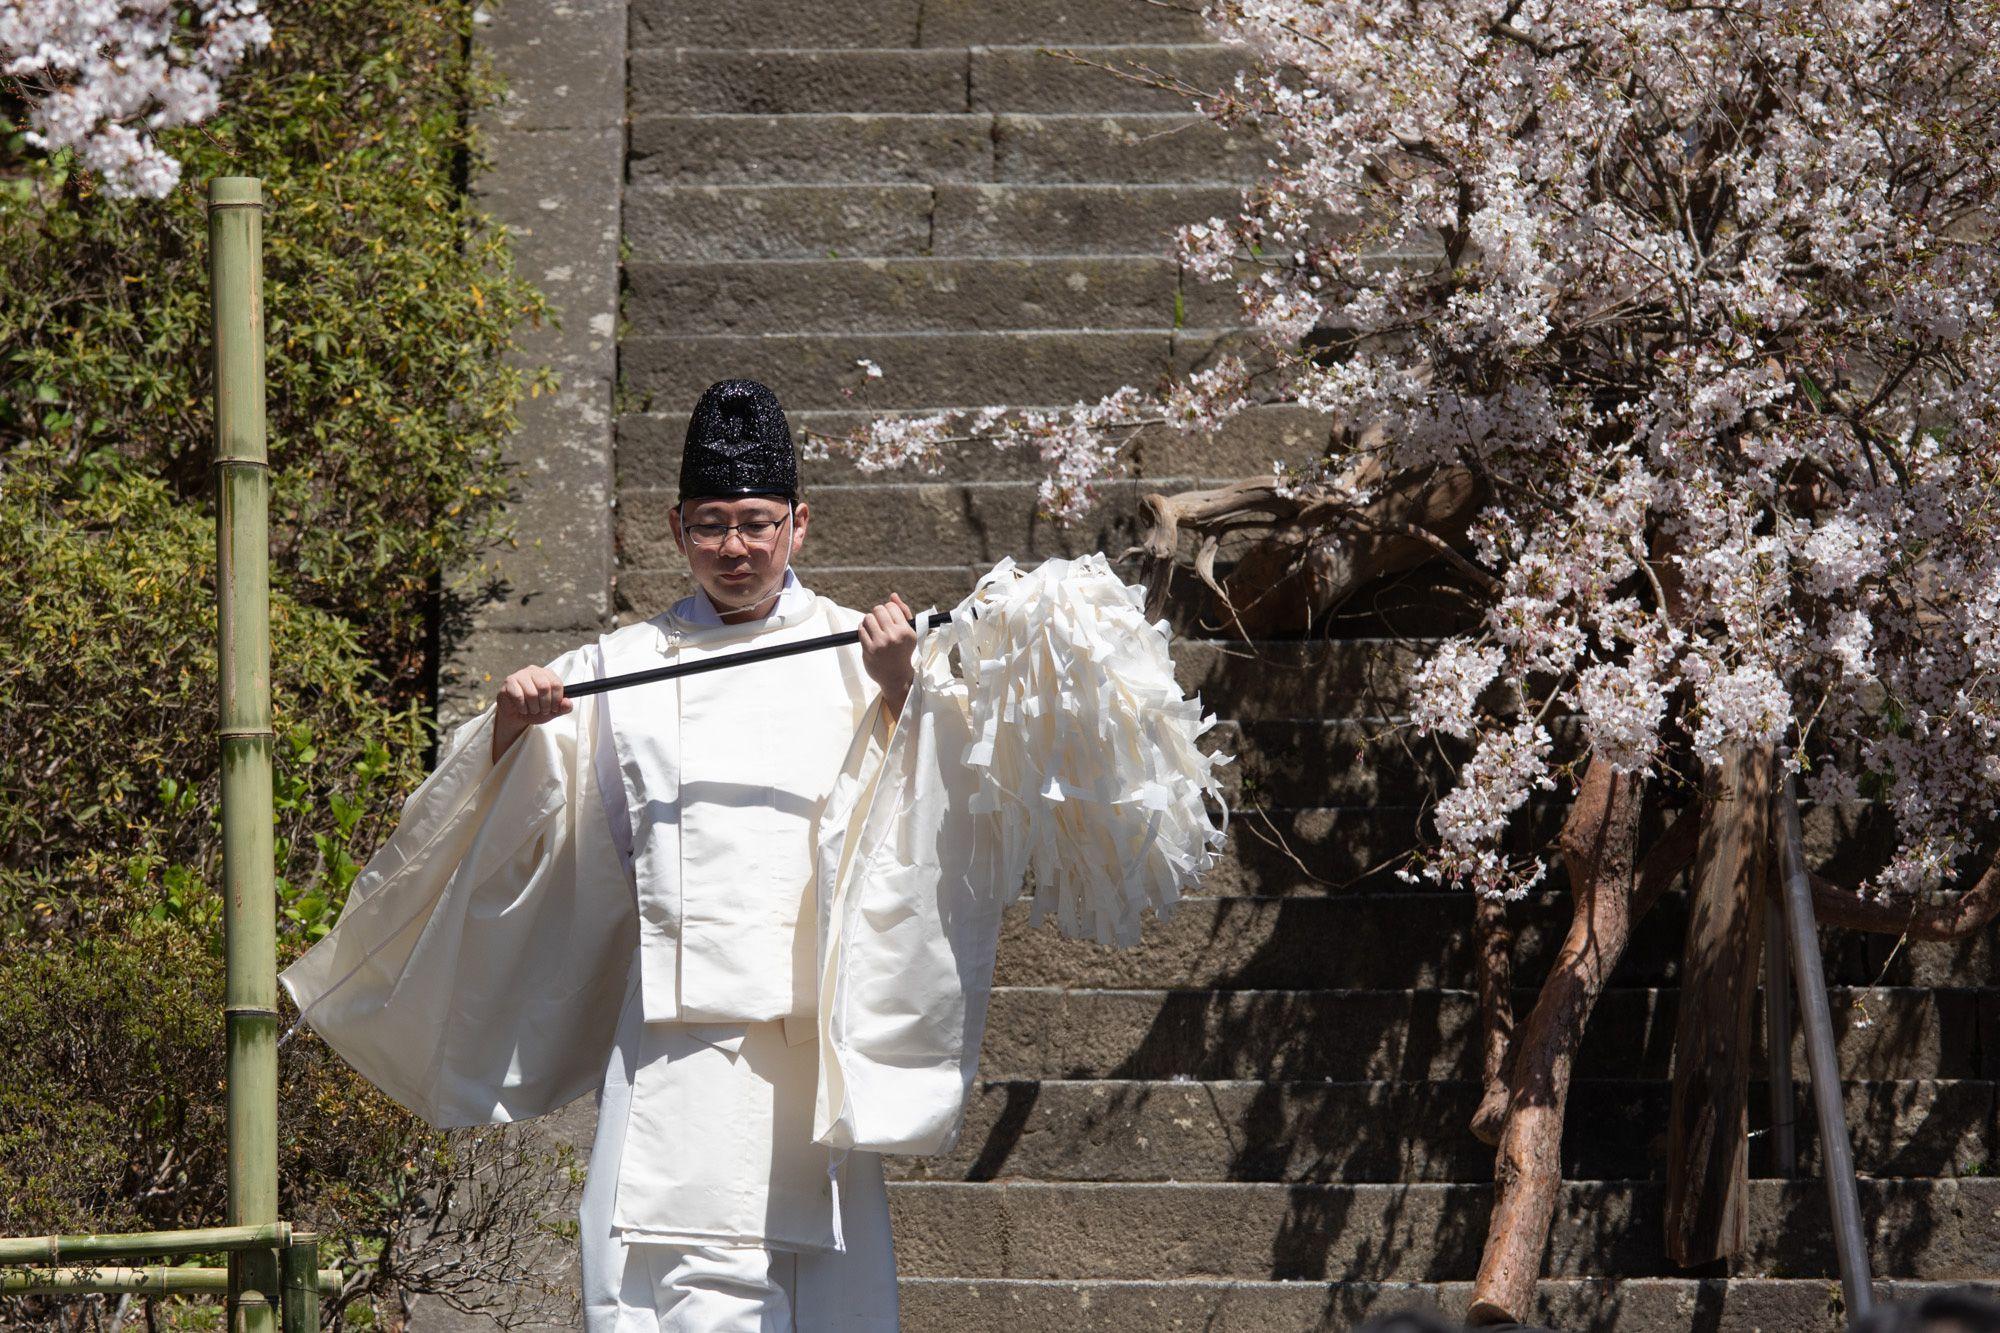 能に先立って修祓(祝詞)がおこなわれる。ヤマザクラ、マツ、ビャクシンを使った辻雄貴の花が、松羽目板の代わりとなった。